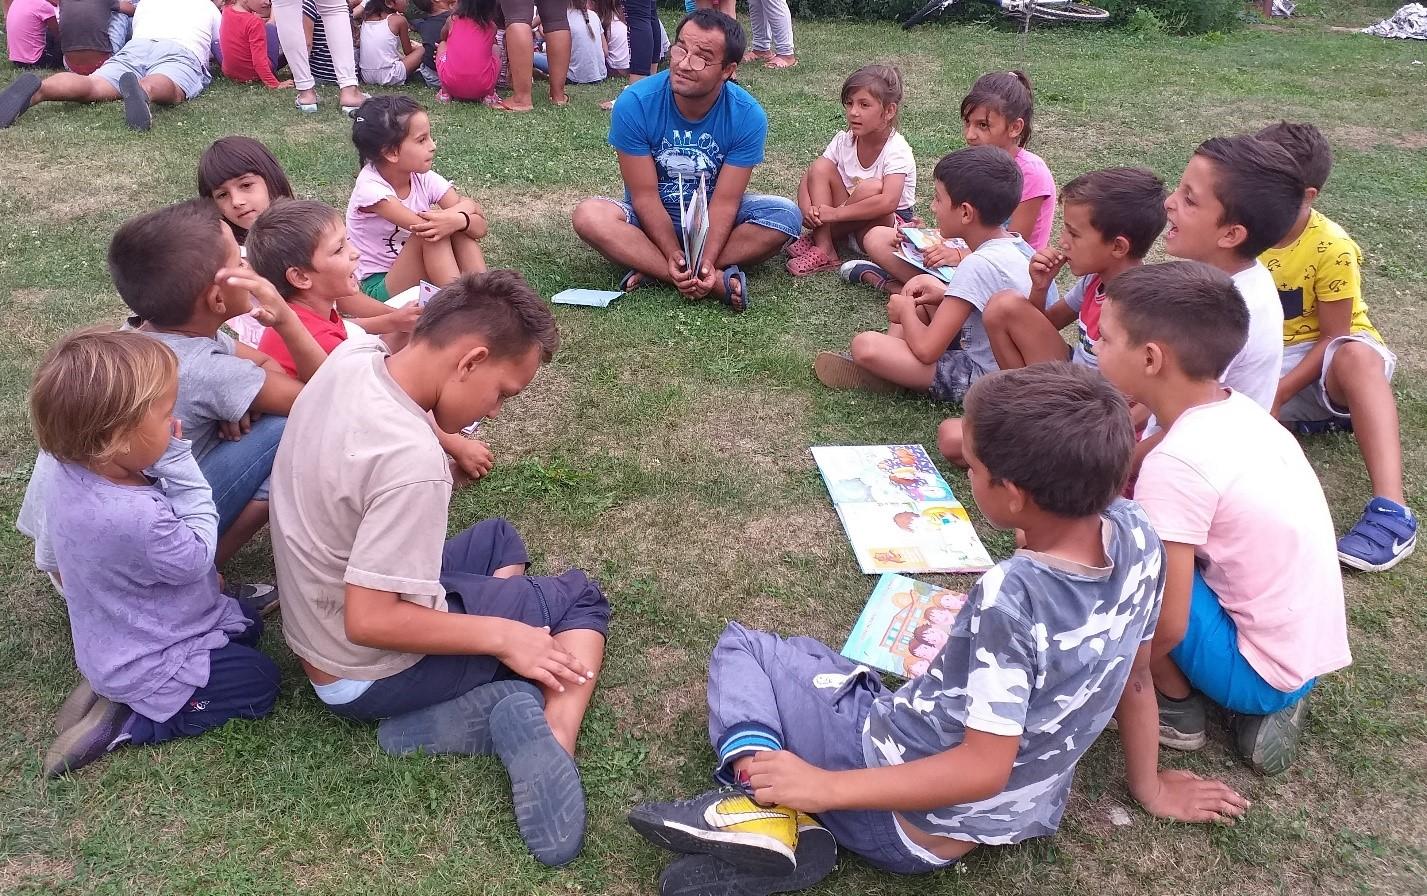 Romsko nacionalno vijeće - Slika 1